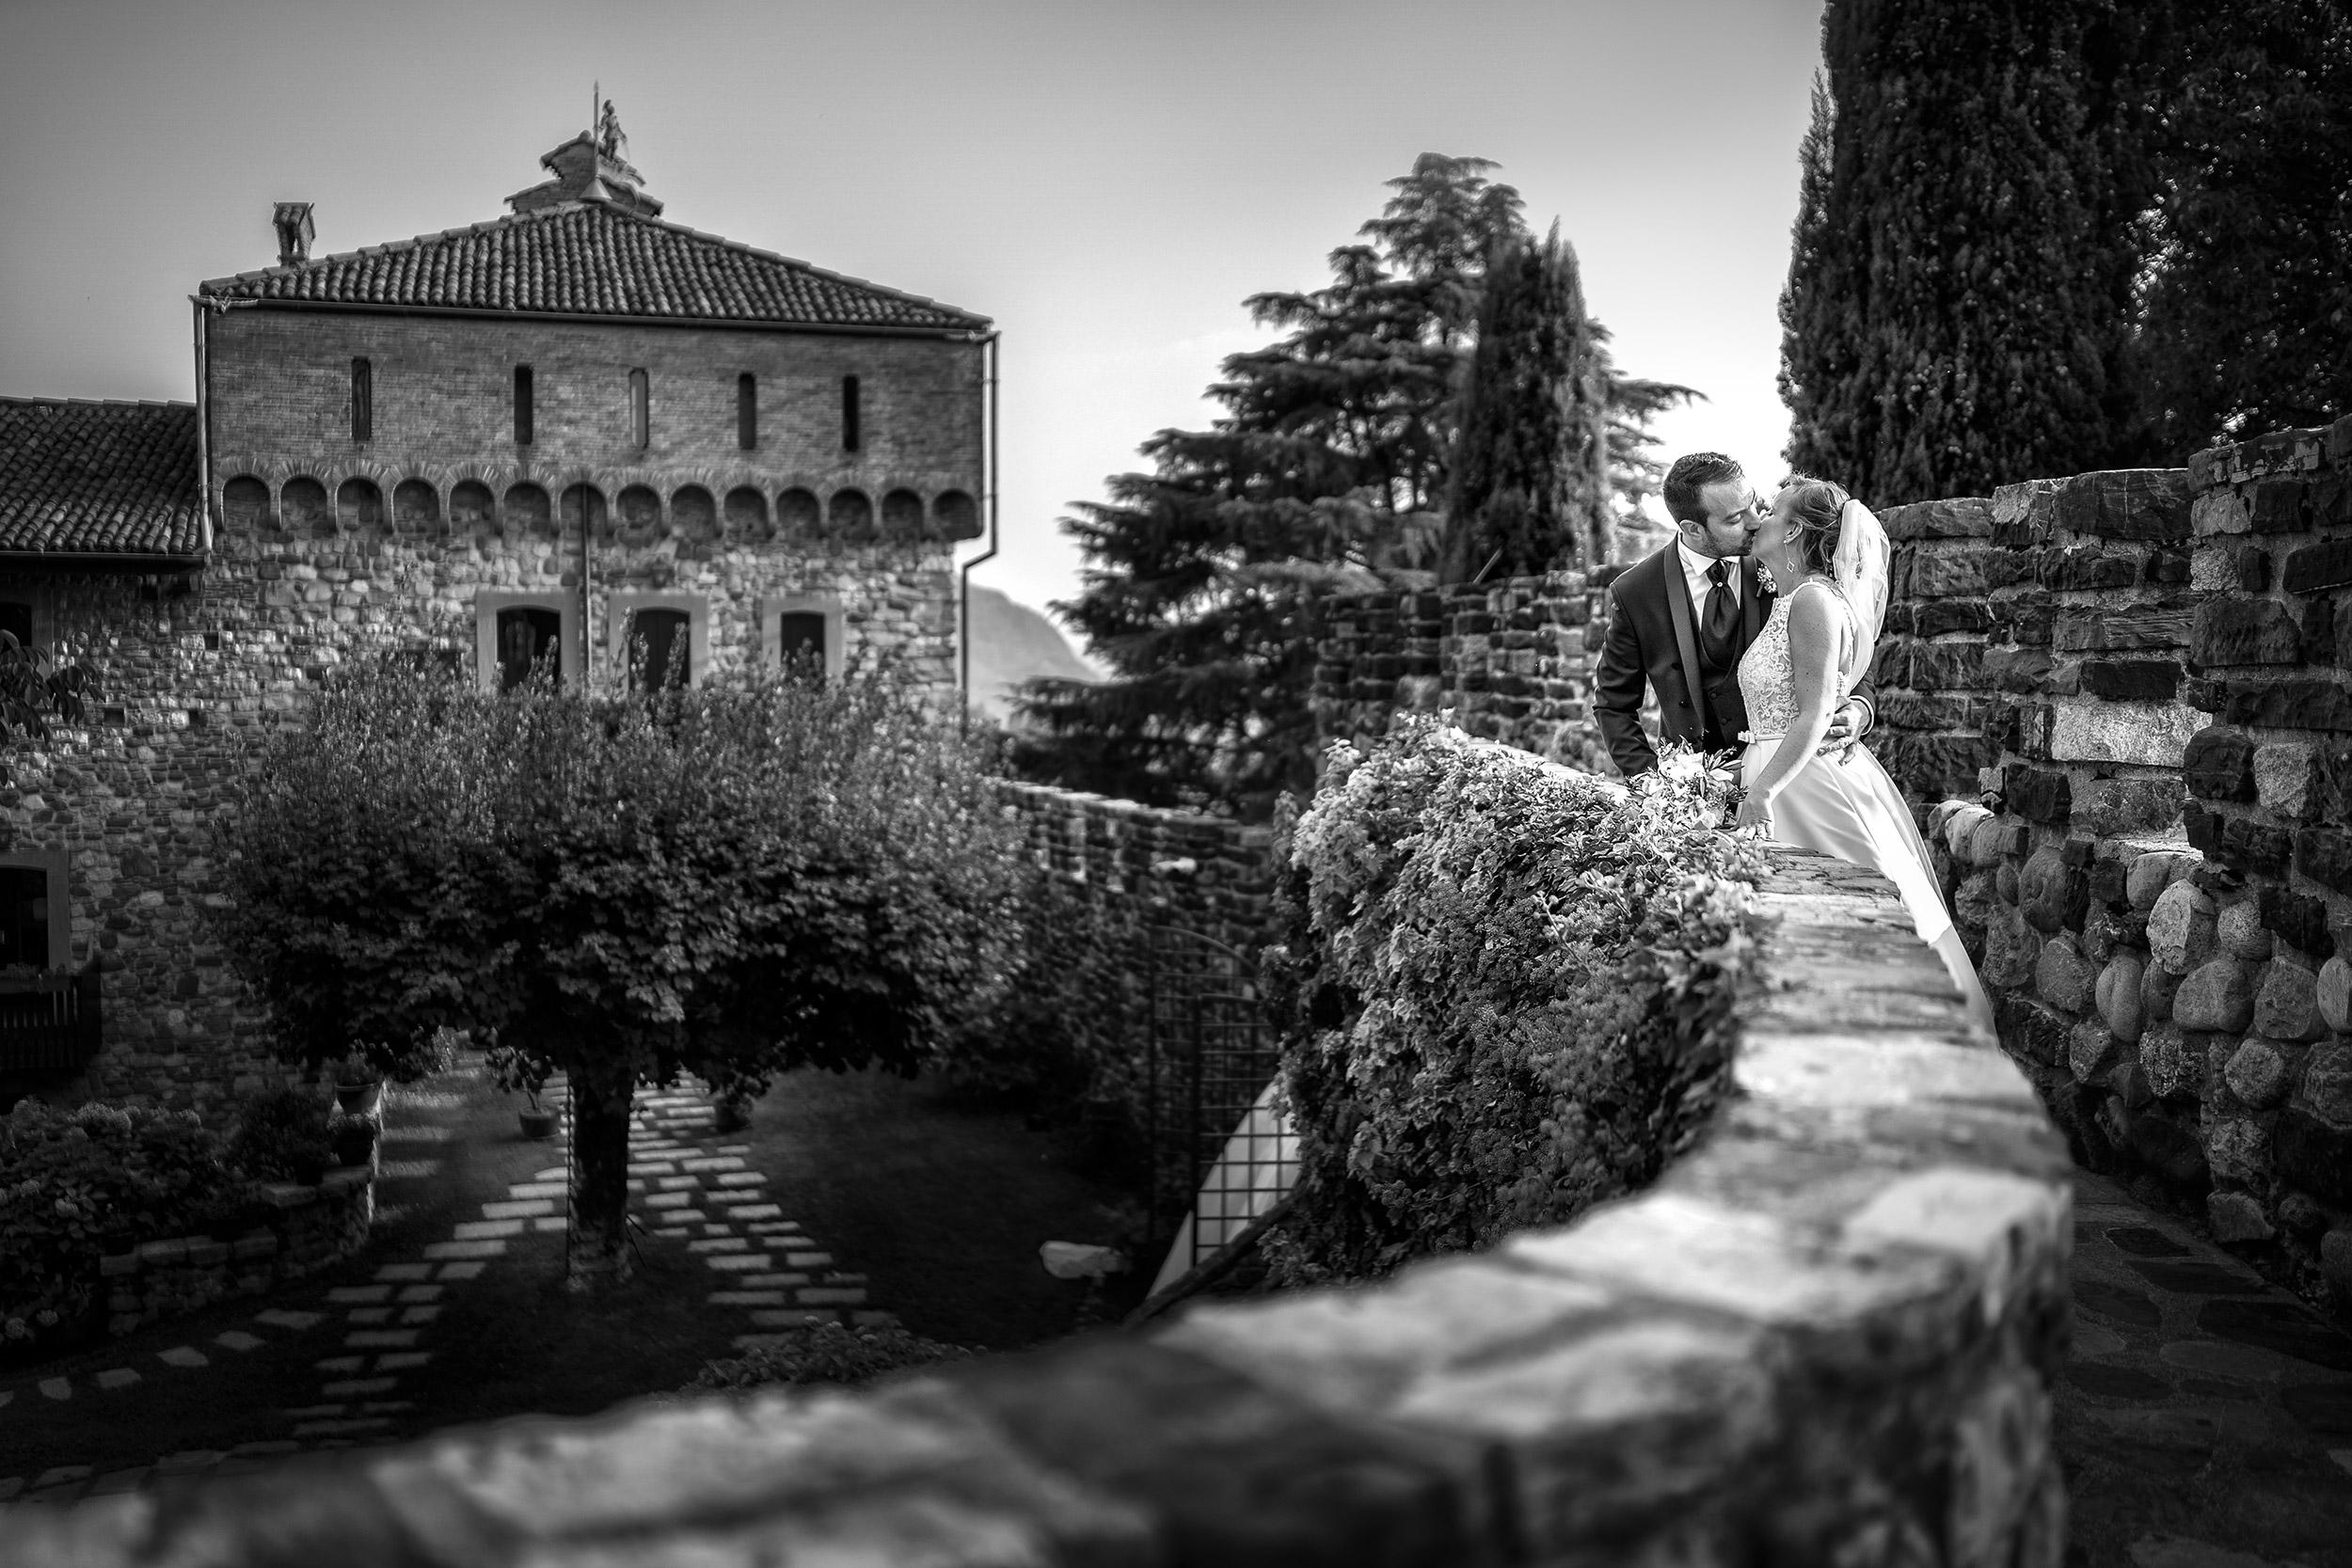 001 foto matrimonio reportage bianco nero lecco castello rossino 1